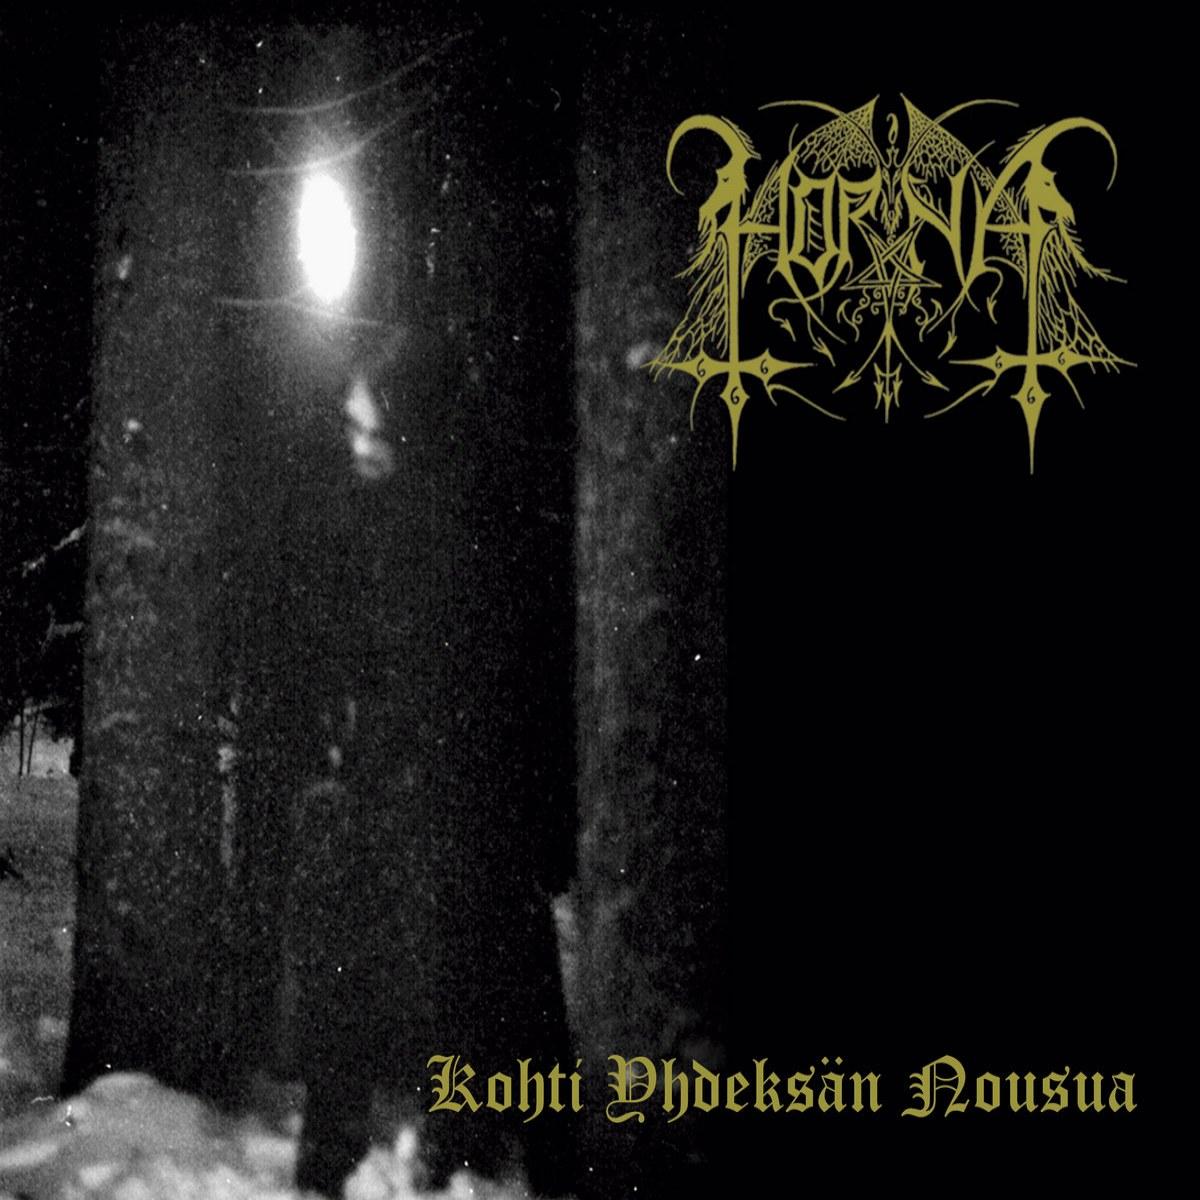 Review for Horna - Kohti Yhdeksän Nousua